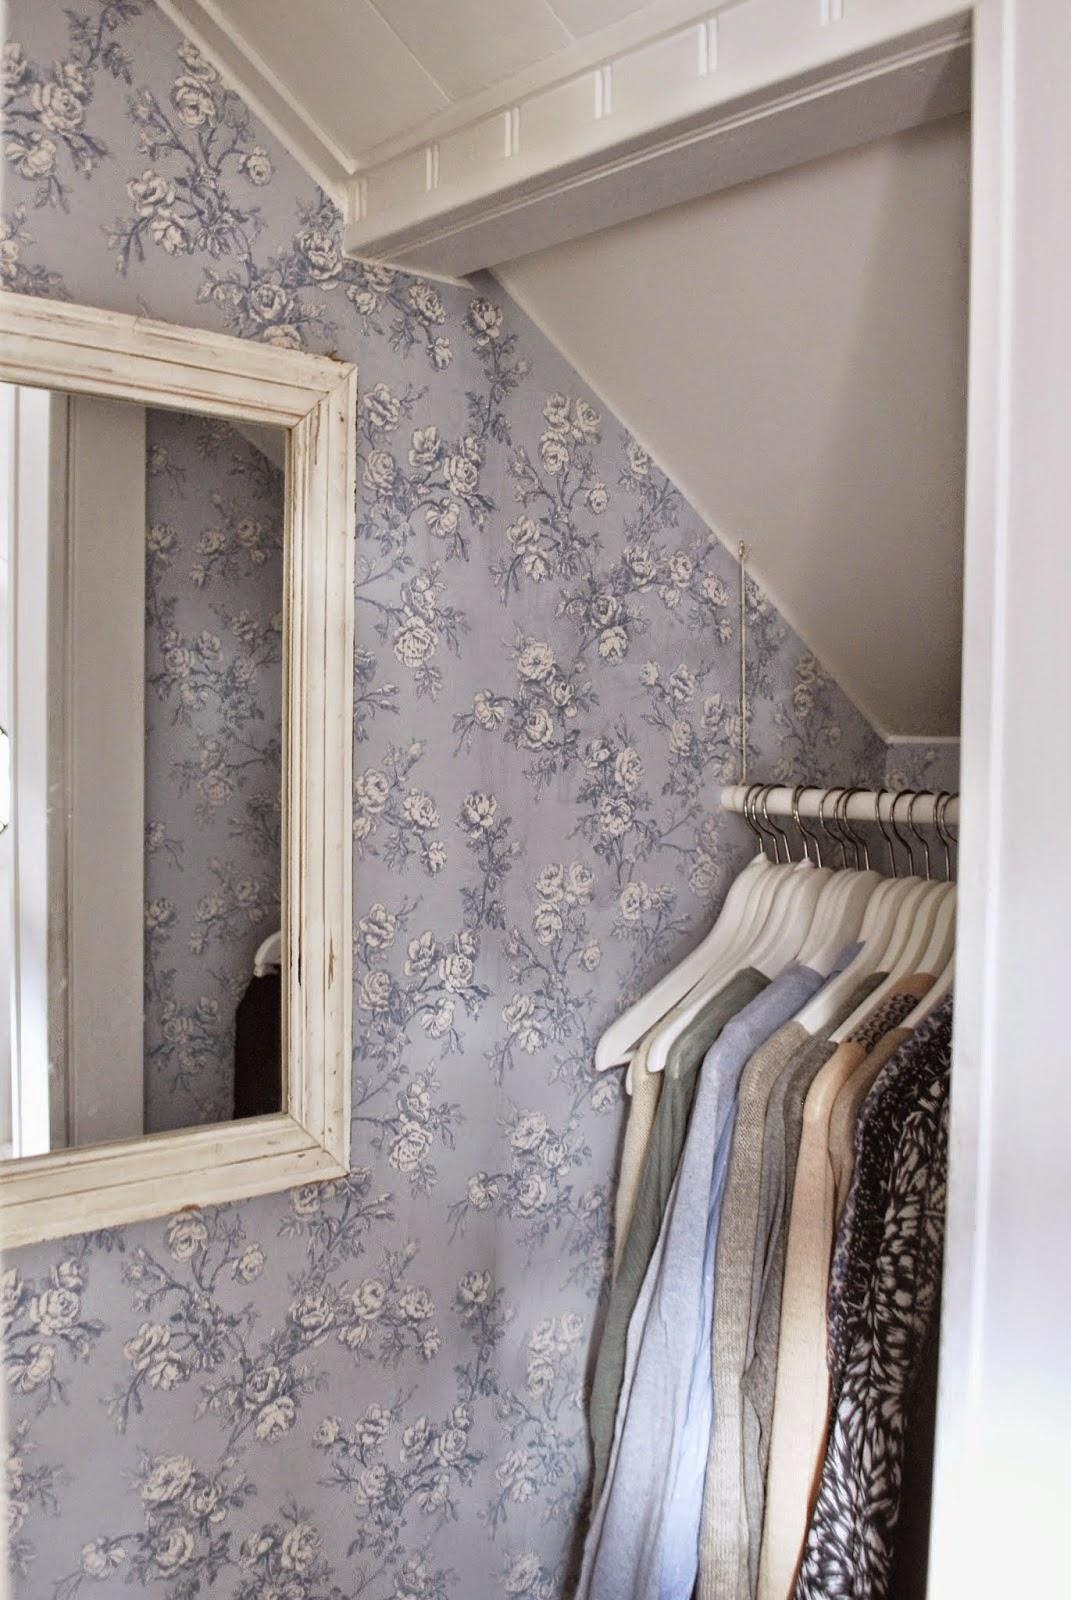 I mitt paradis: Garderober och förvaring i gamla hus : bygga garderob skjutdörrar : Garderob